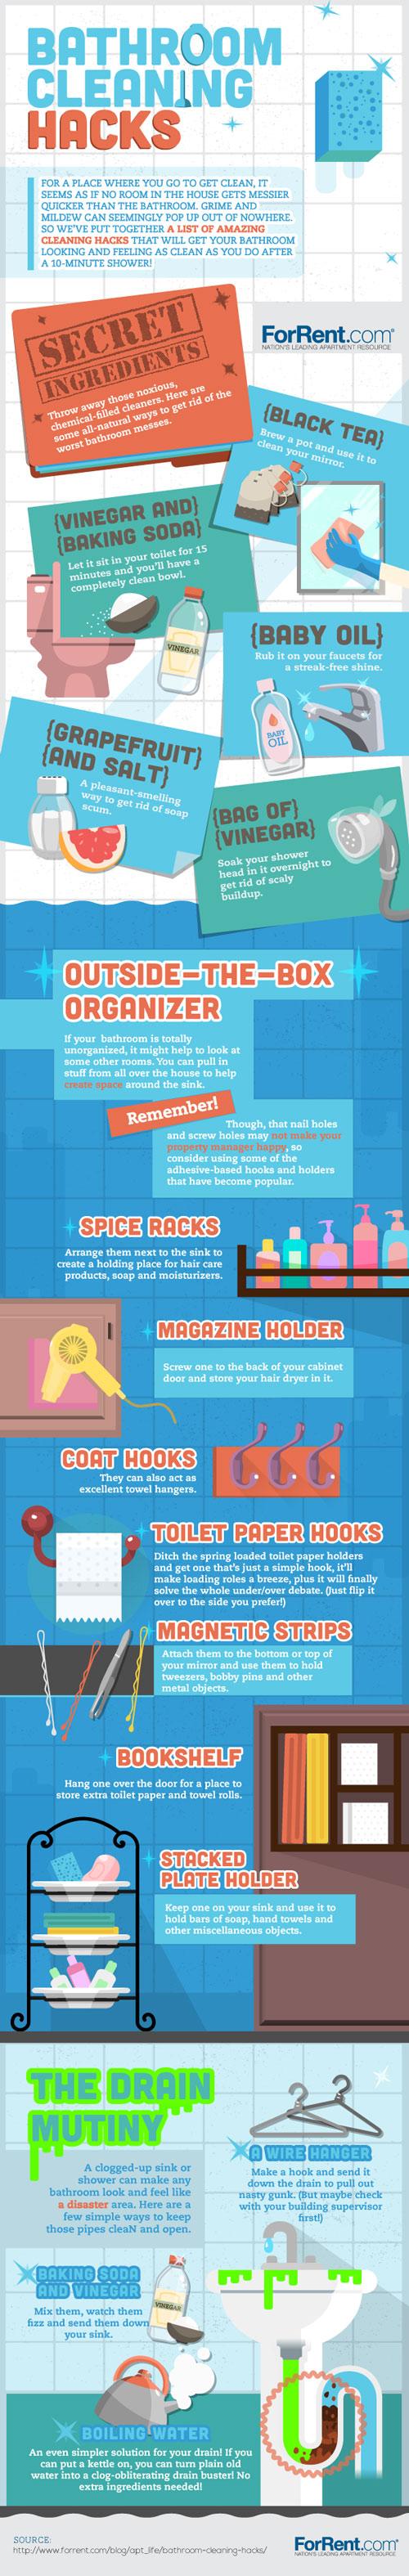 Bathroom-Cleaning-Hacks